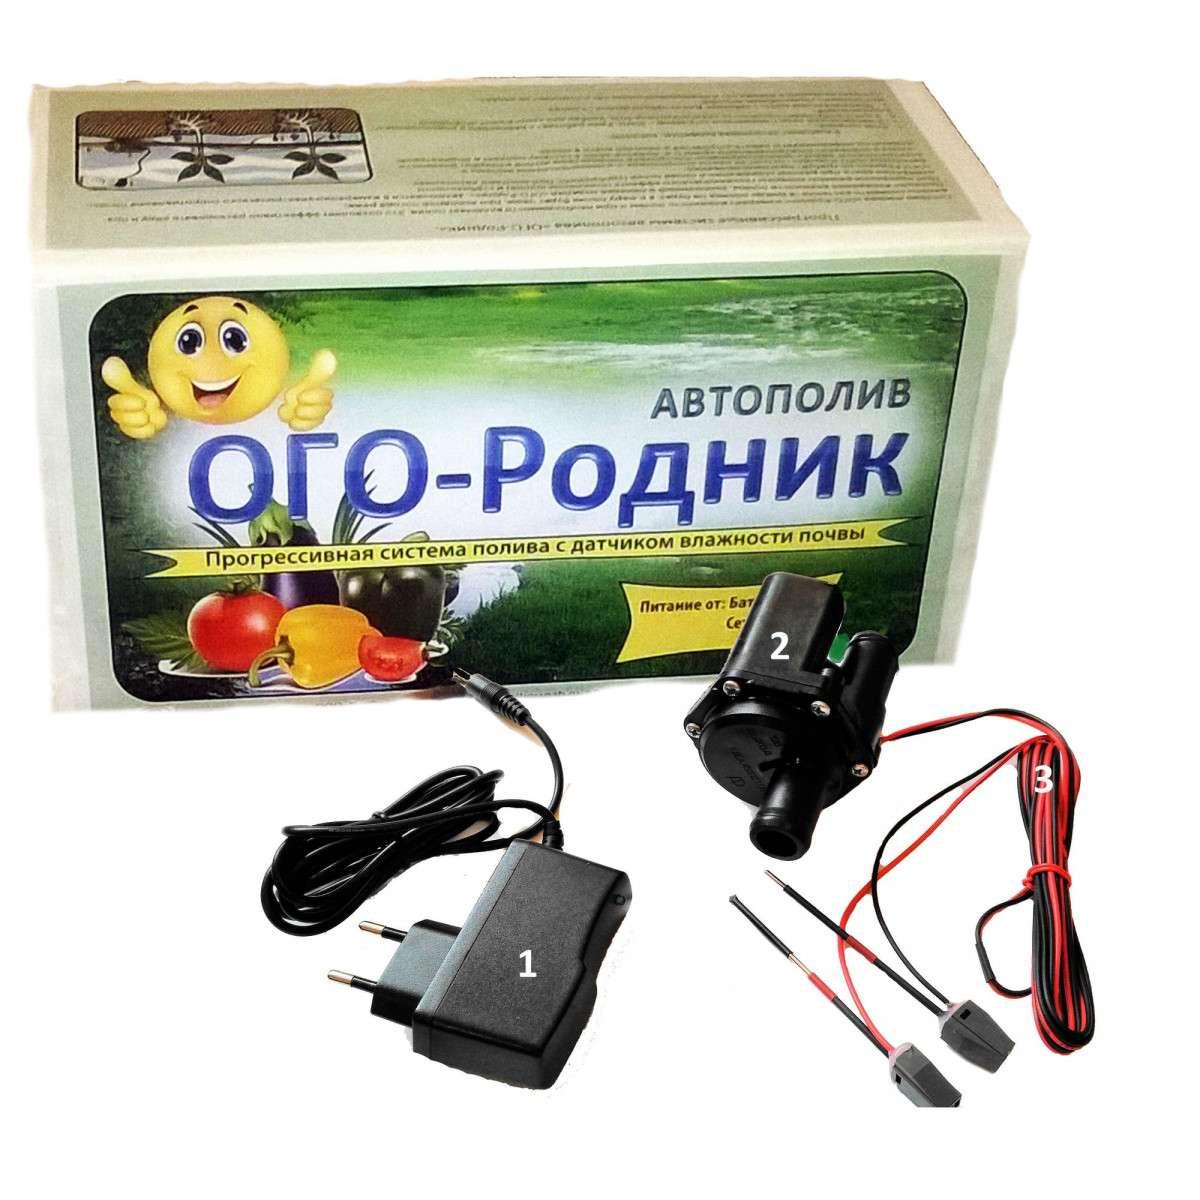 ОГО-Родник-1